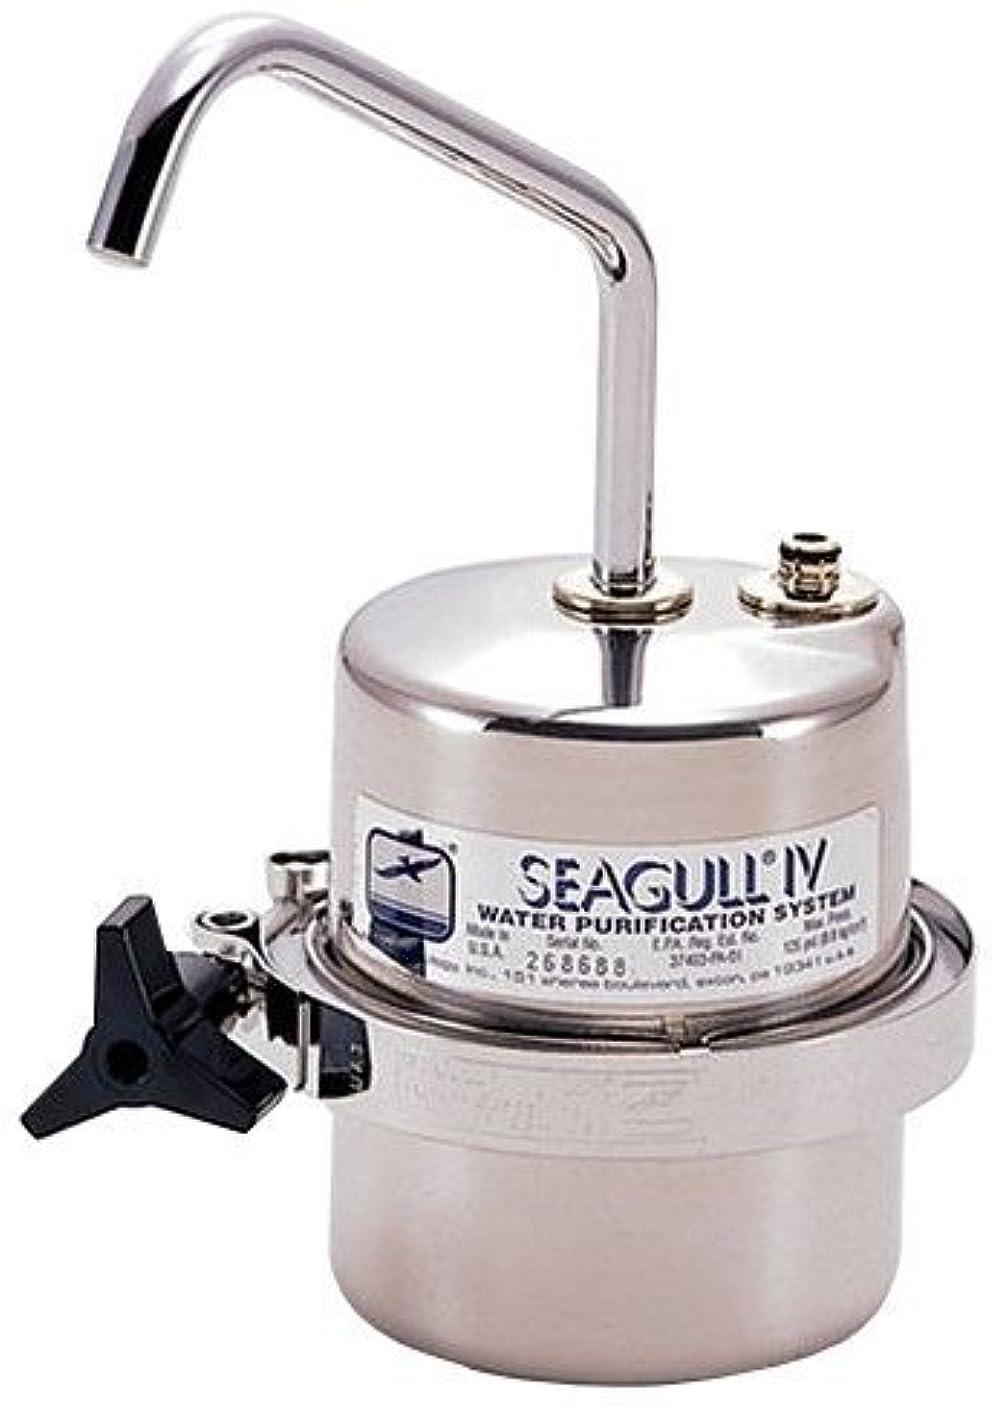 代表するスキニートリッキーiSpring 123Filter 浄水器用蛇口 ヨーロッパスタイル - 非エアギャップ式 - 高級クロム、型番GA1-B